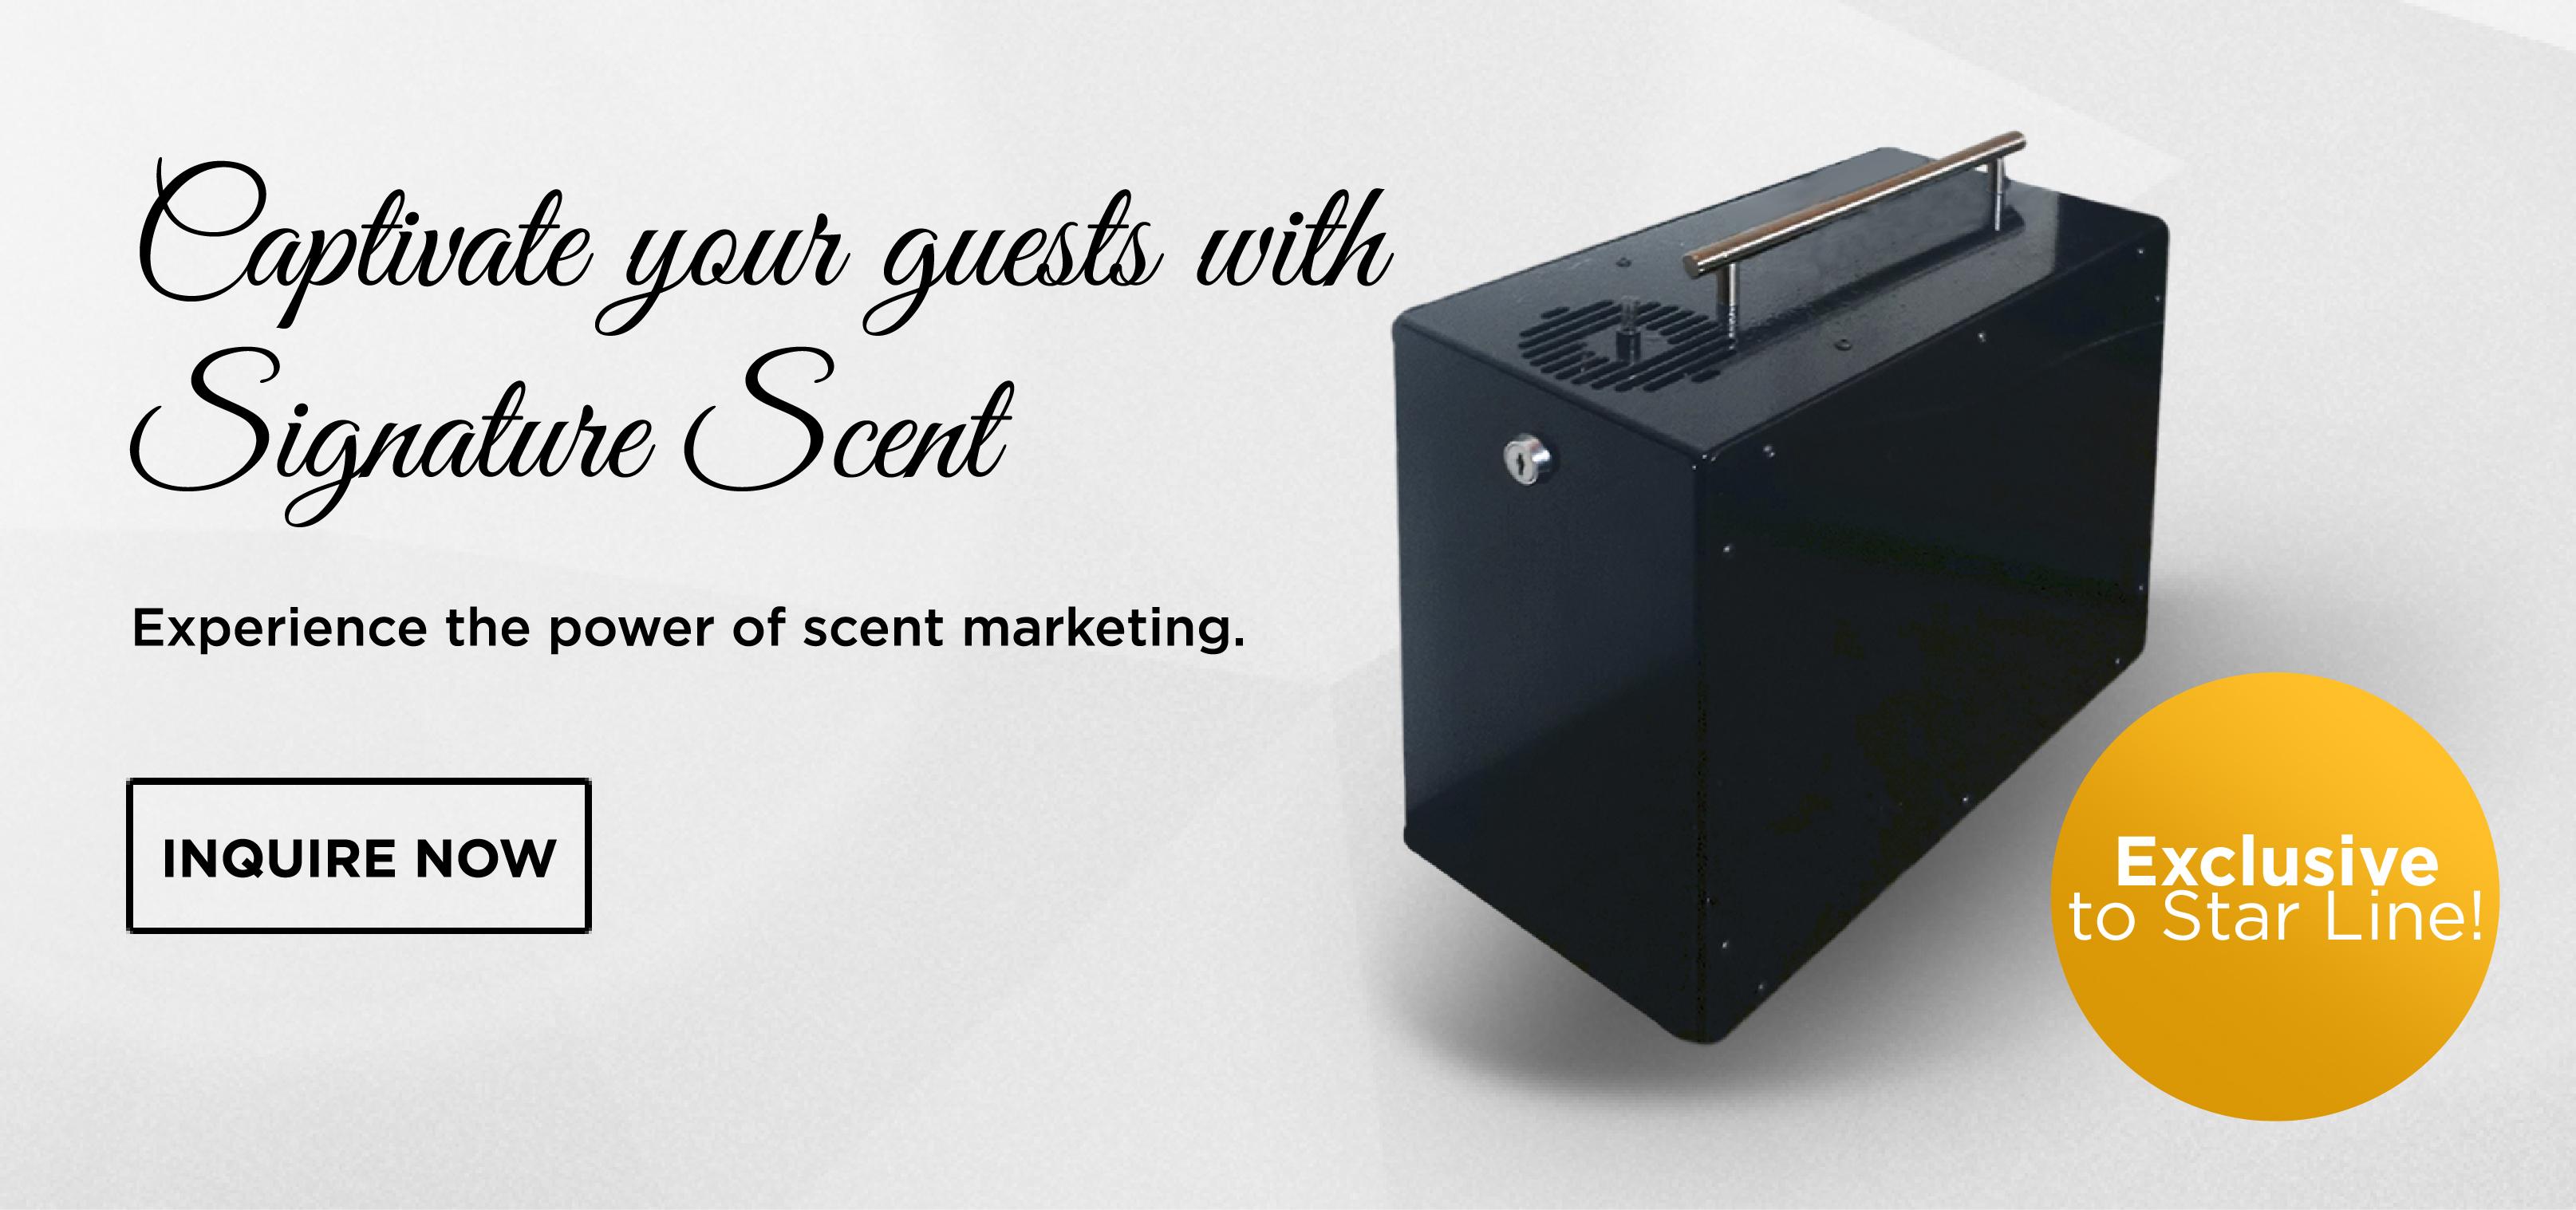 Signature Scent Air 5 Portable Unit